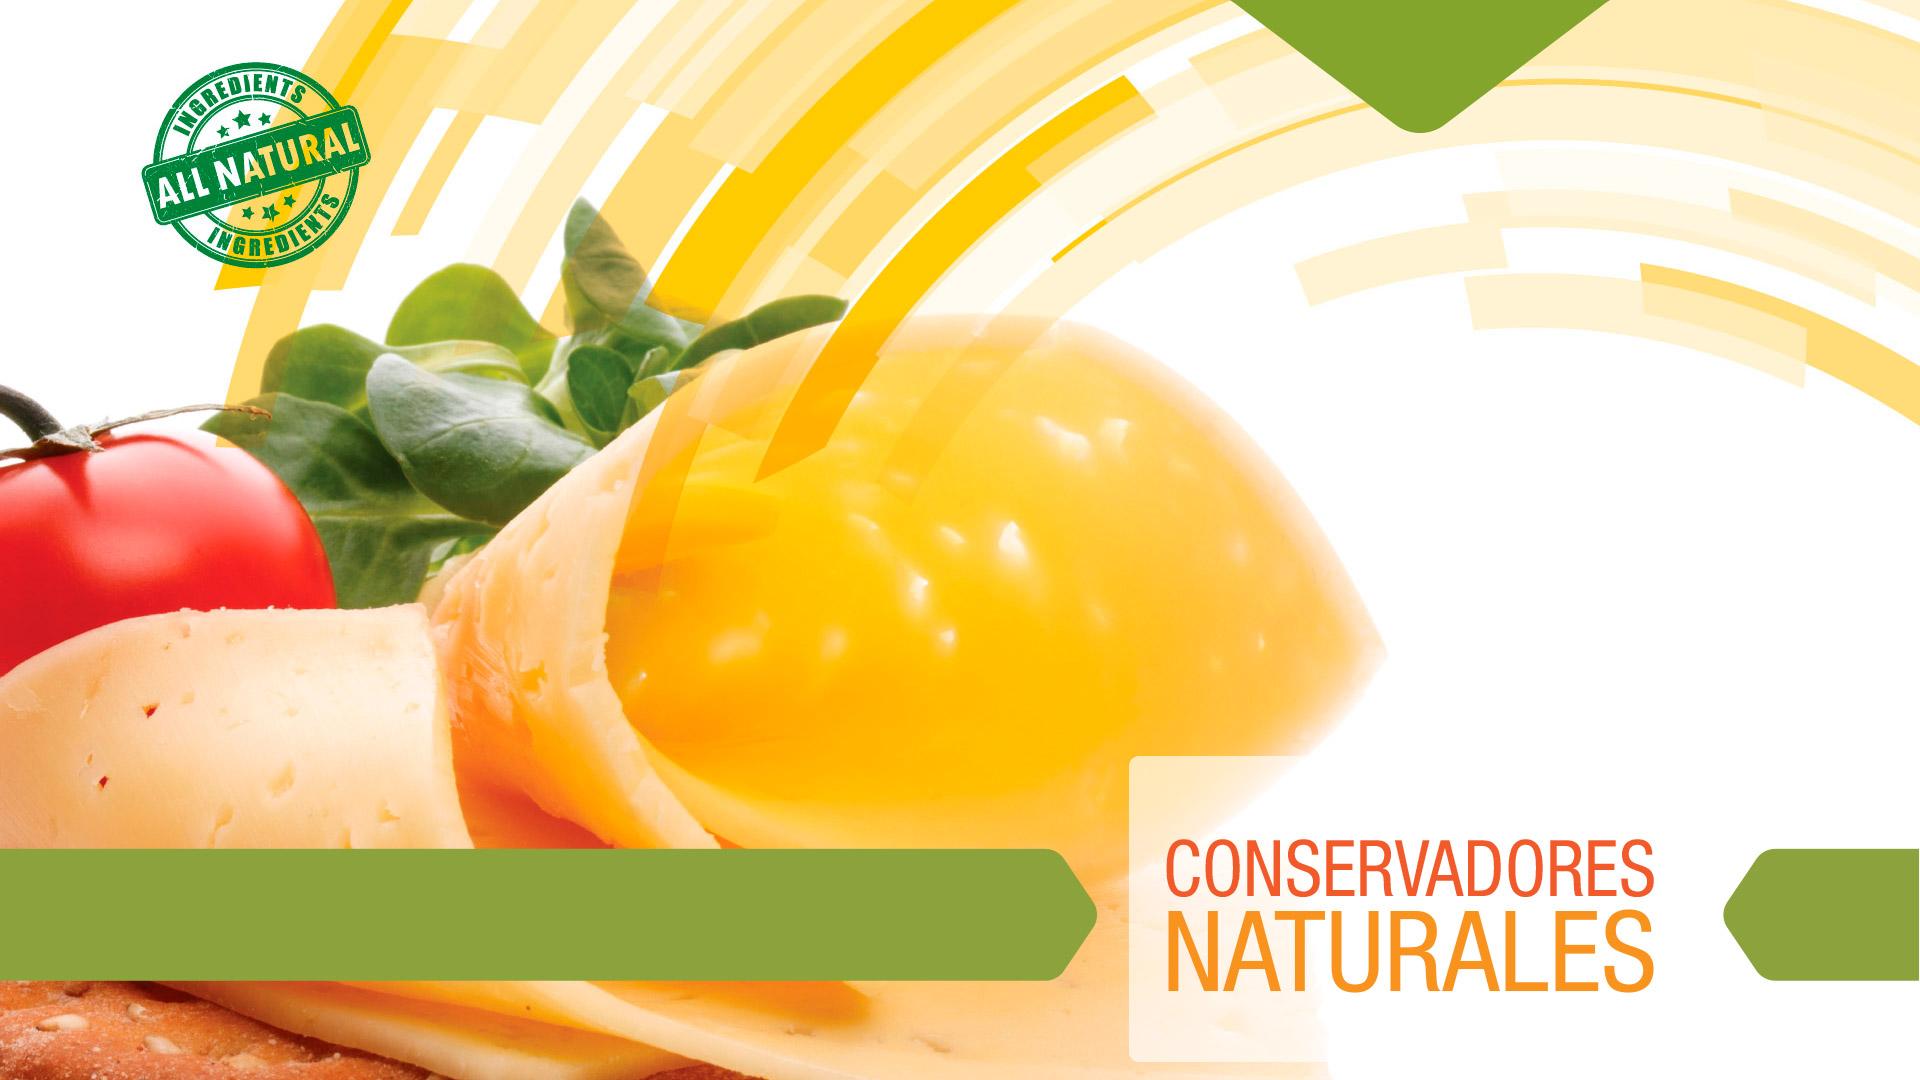 Conservadores naturales